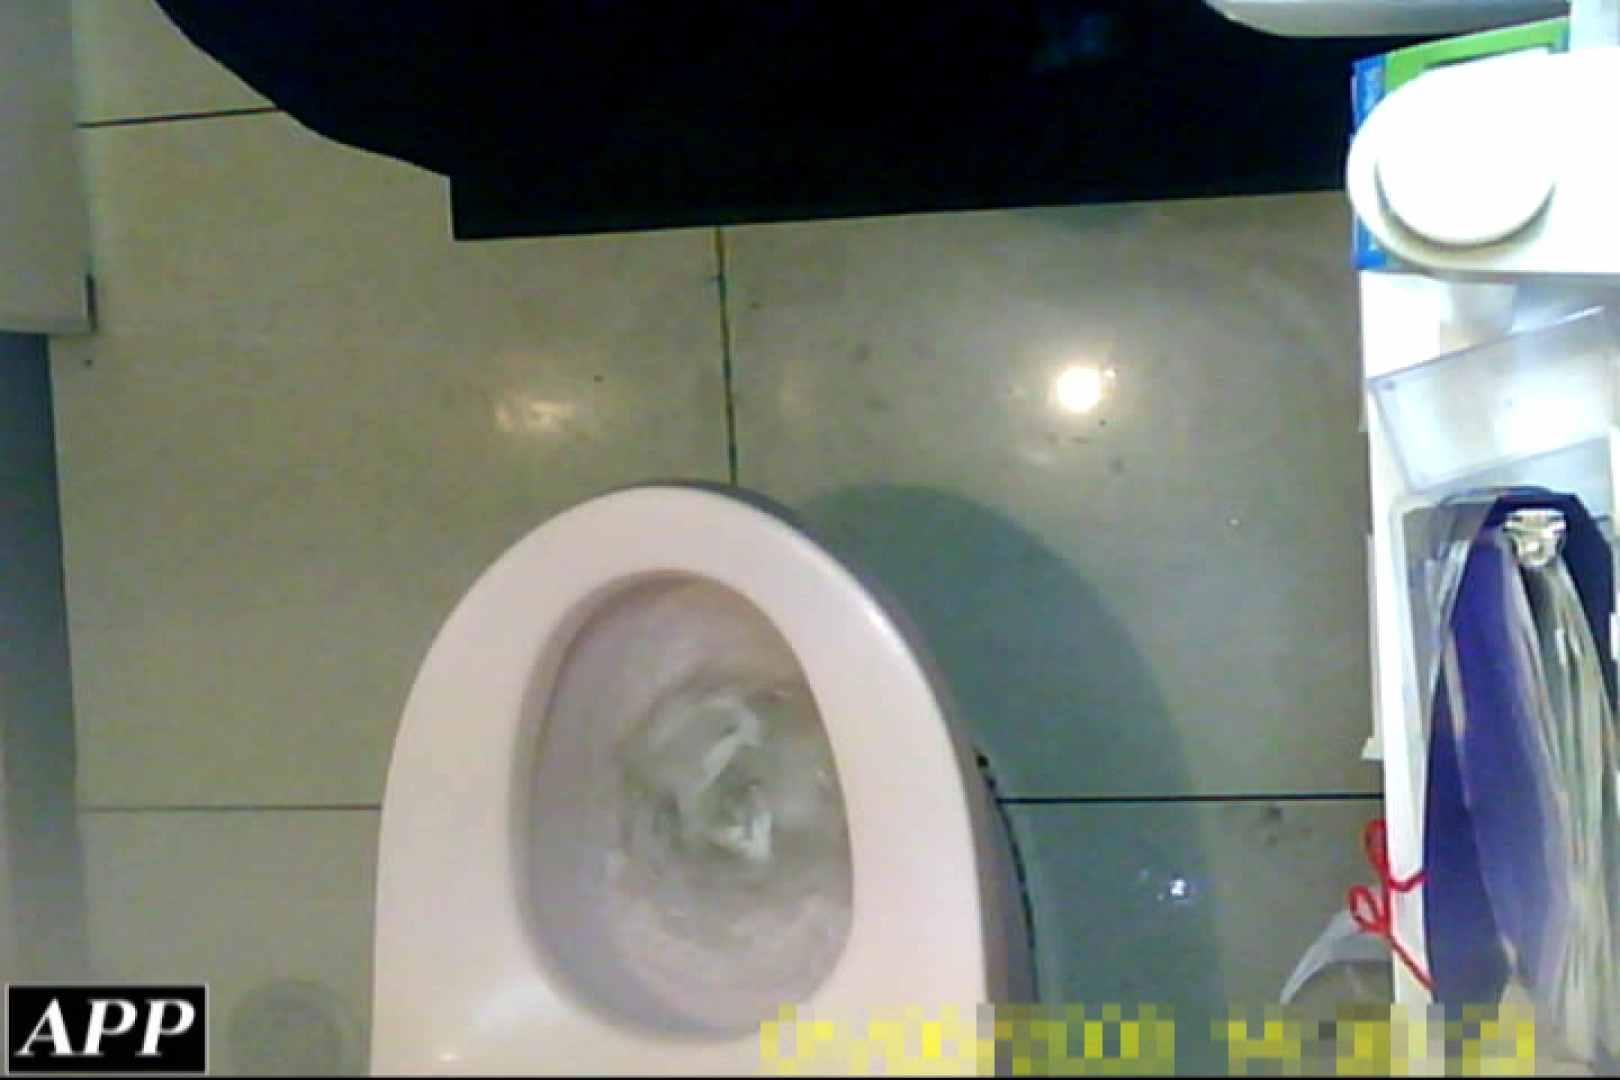 3視点洗面所 vol.93 マンコ・ムレムレ おまんこ動画流出 101pic 22